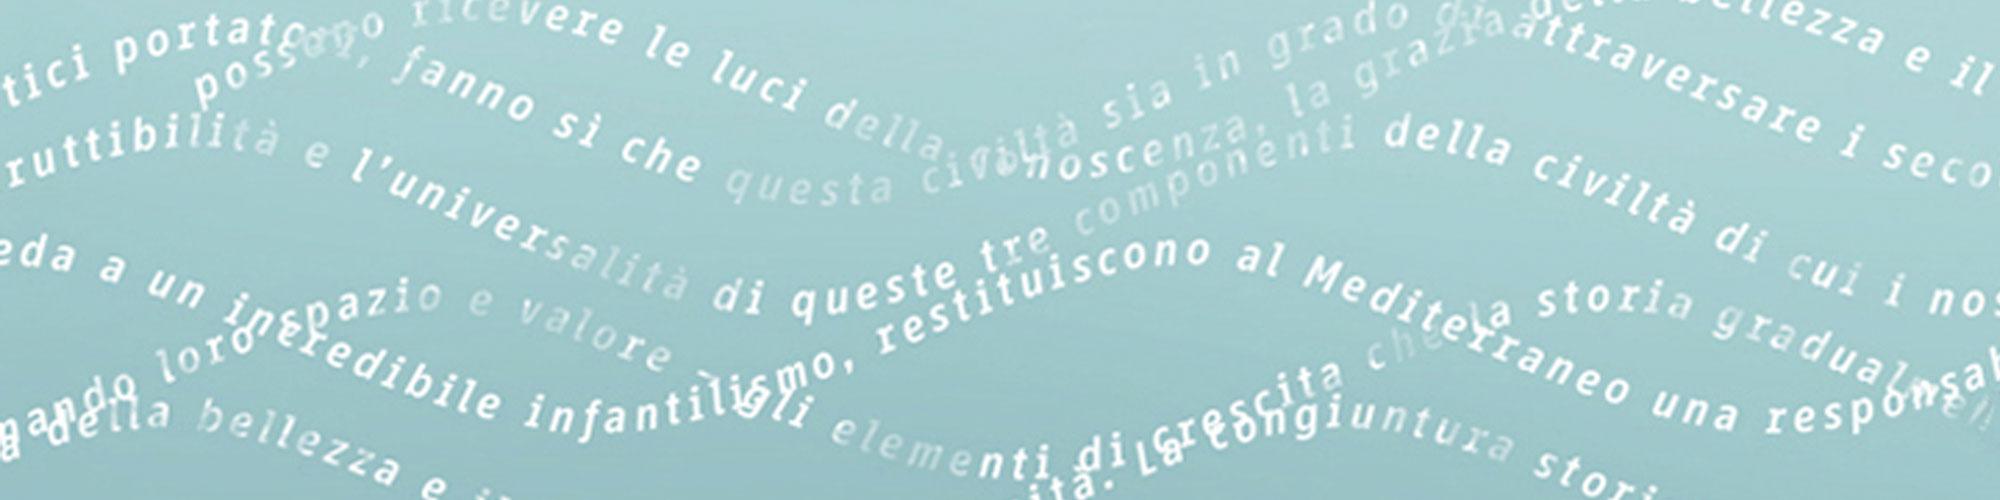 Mediterri-Amo: immagini, parole e musiche che uniscono